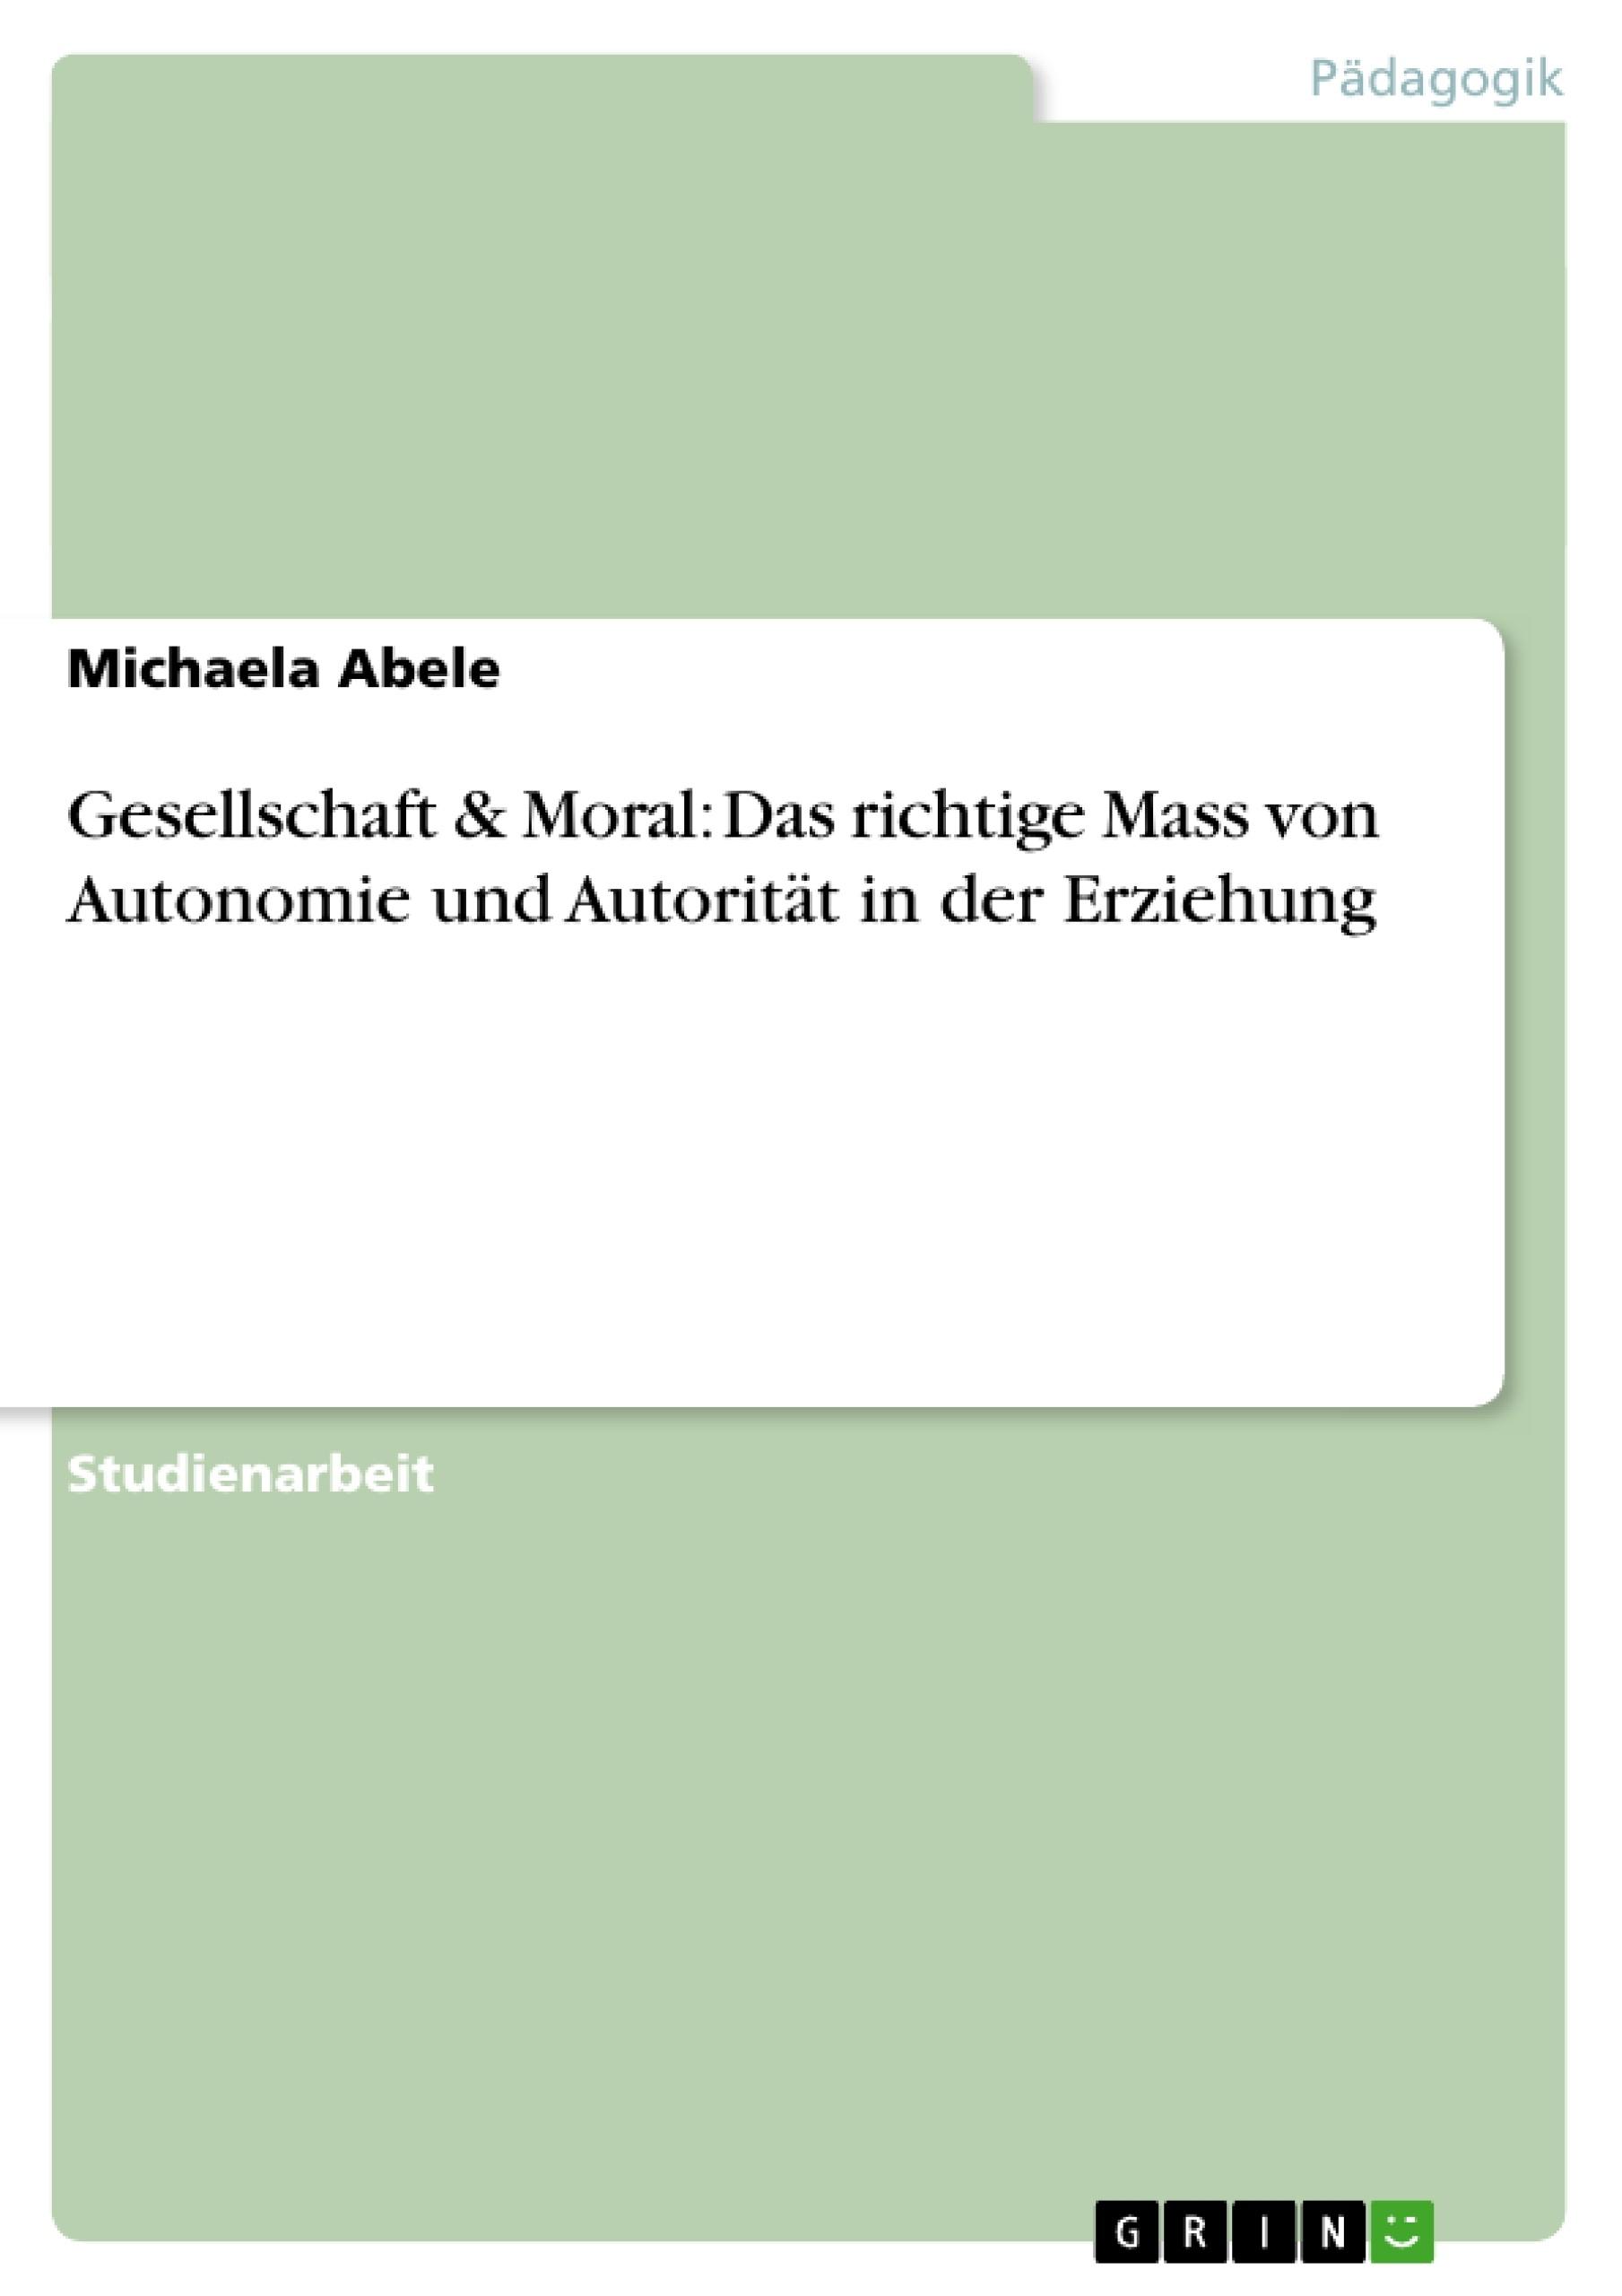 Titel: Gesellschaft & Moral: Das richtige Mass von Autonomie und Autorität in der Erziehung